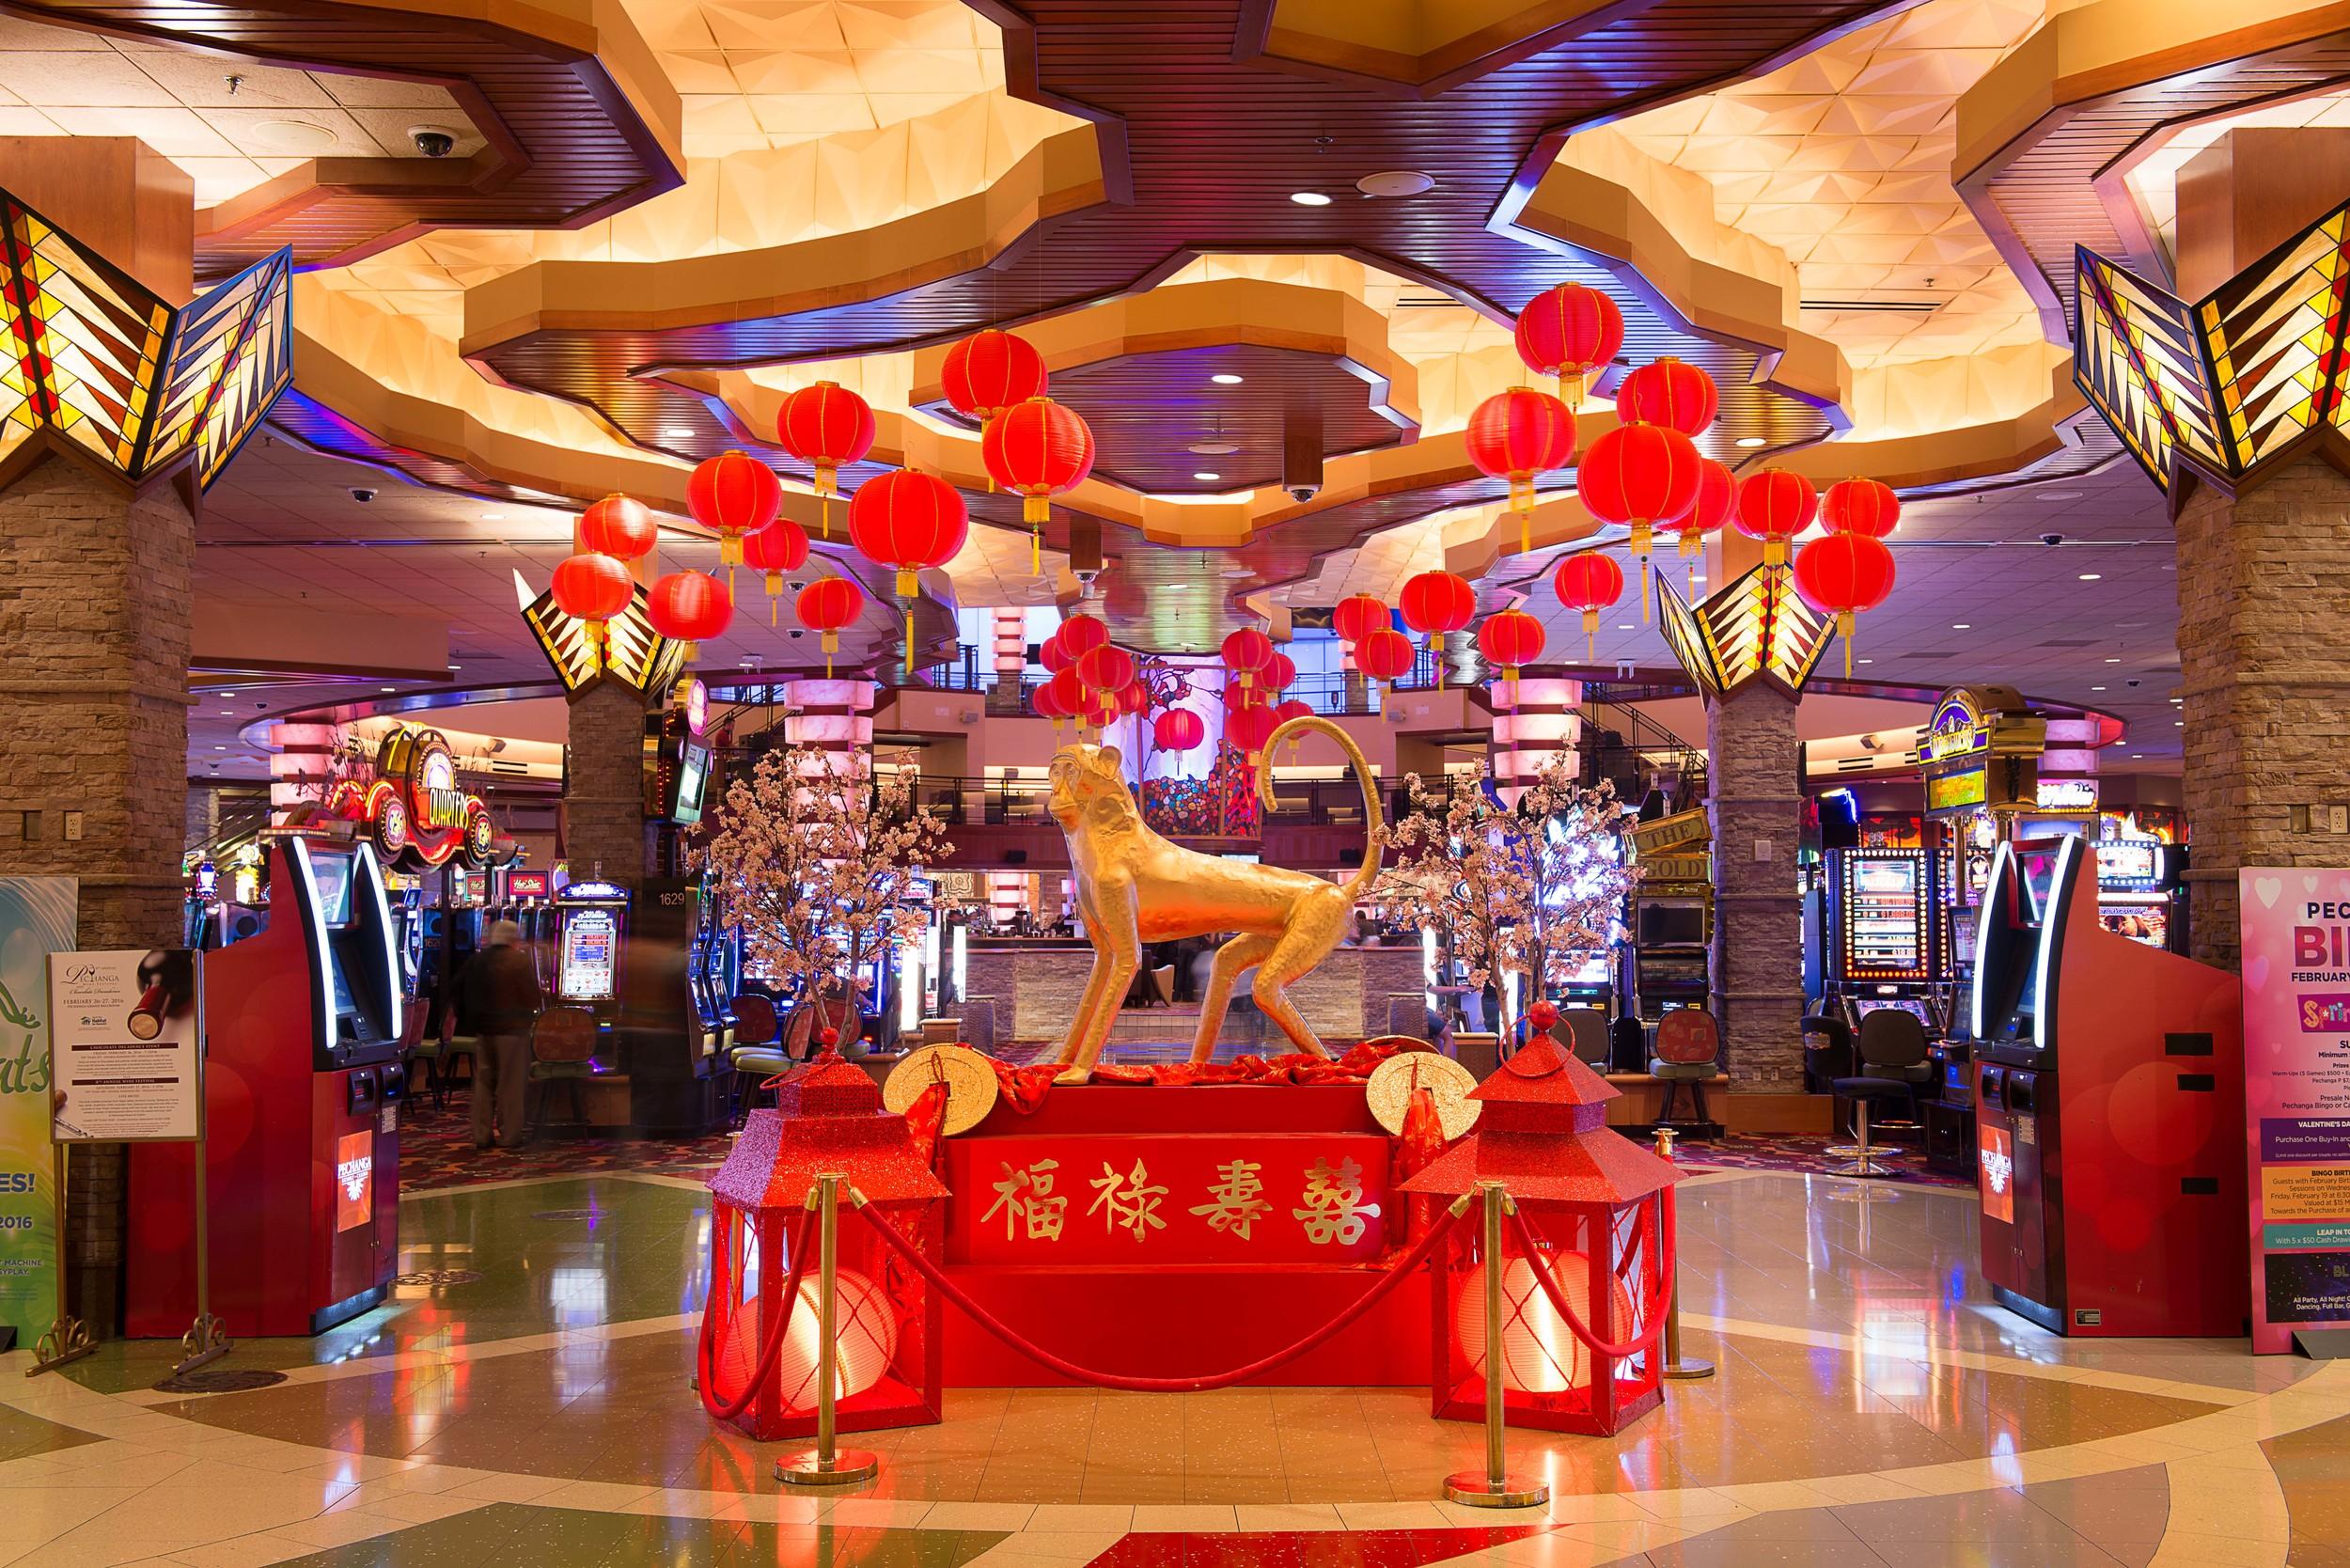 Pechanga Casino